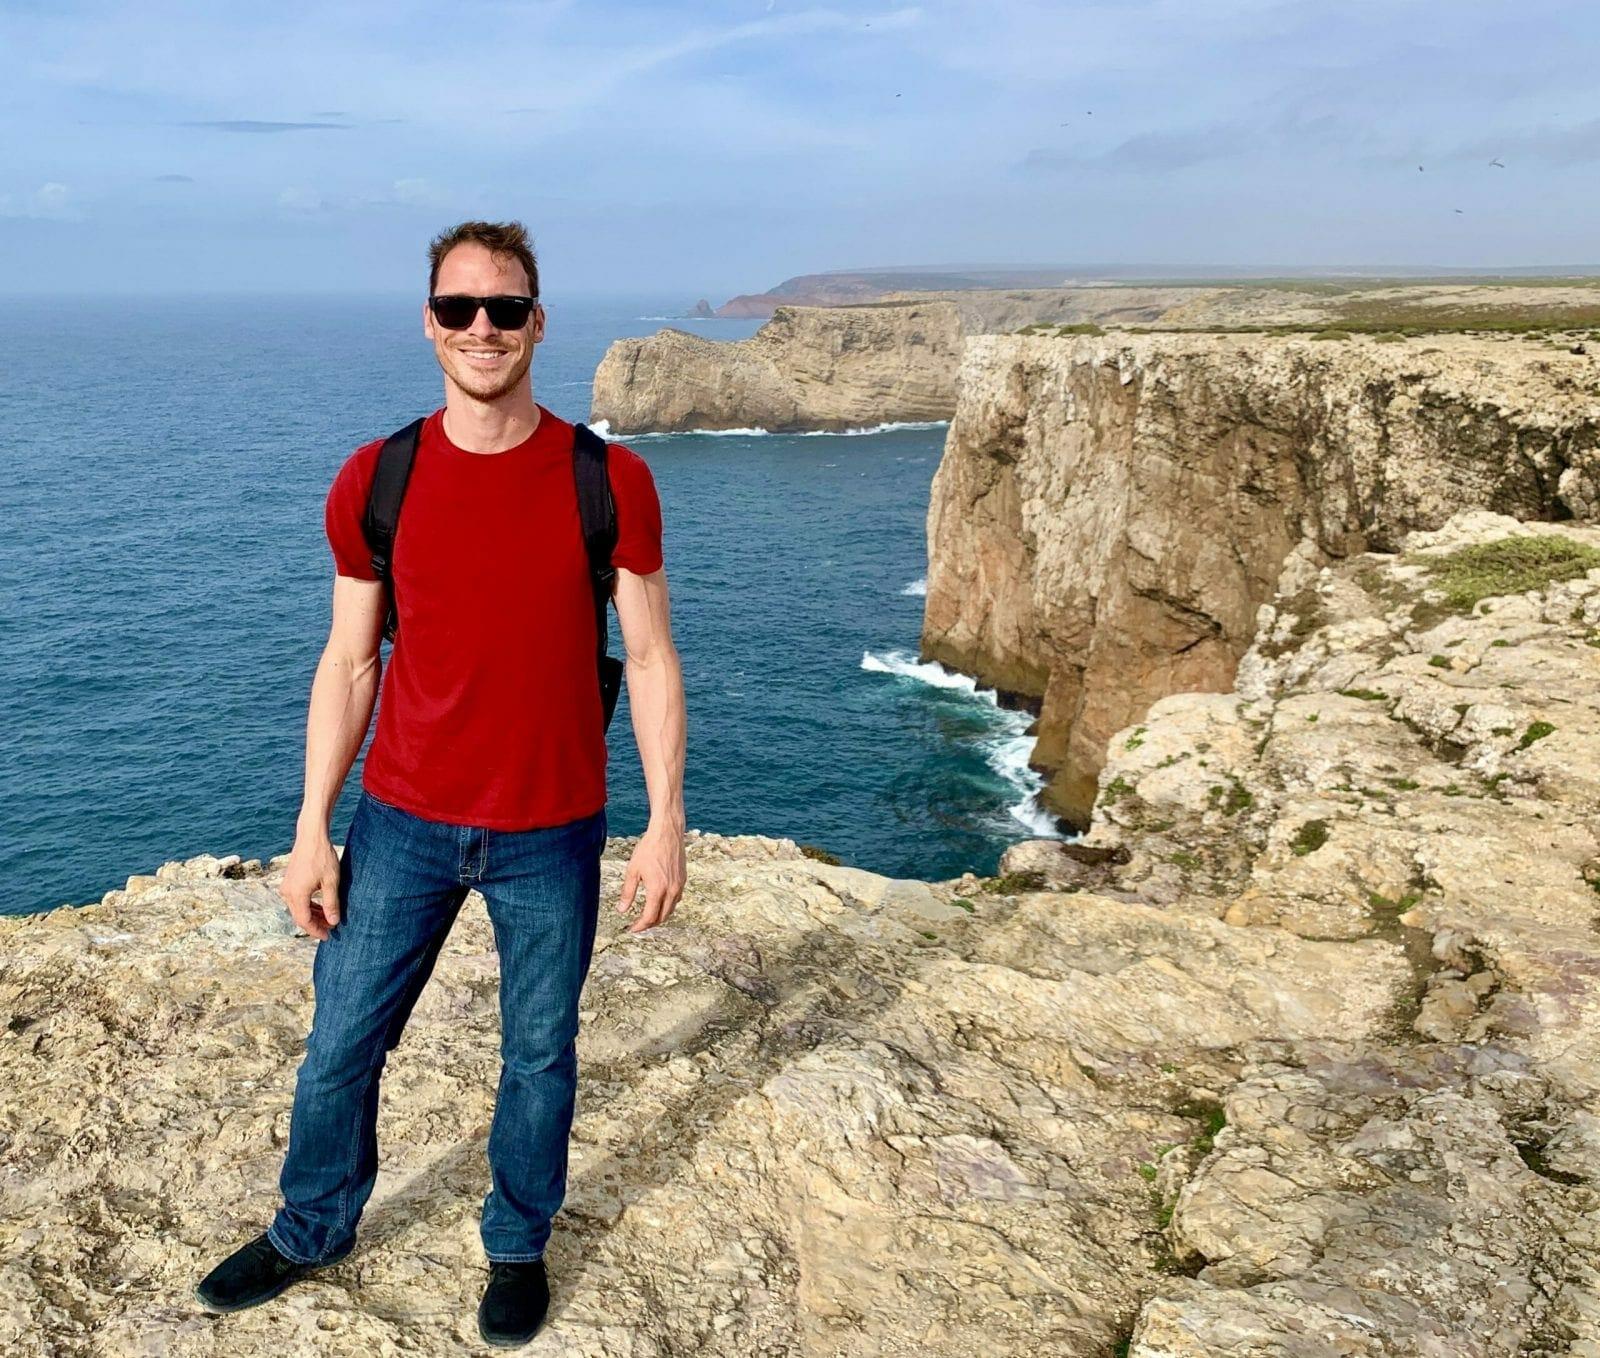 Ryan on Algarve Coast